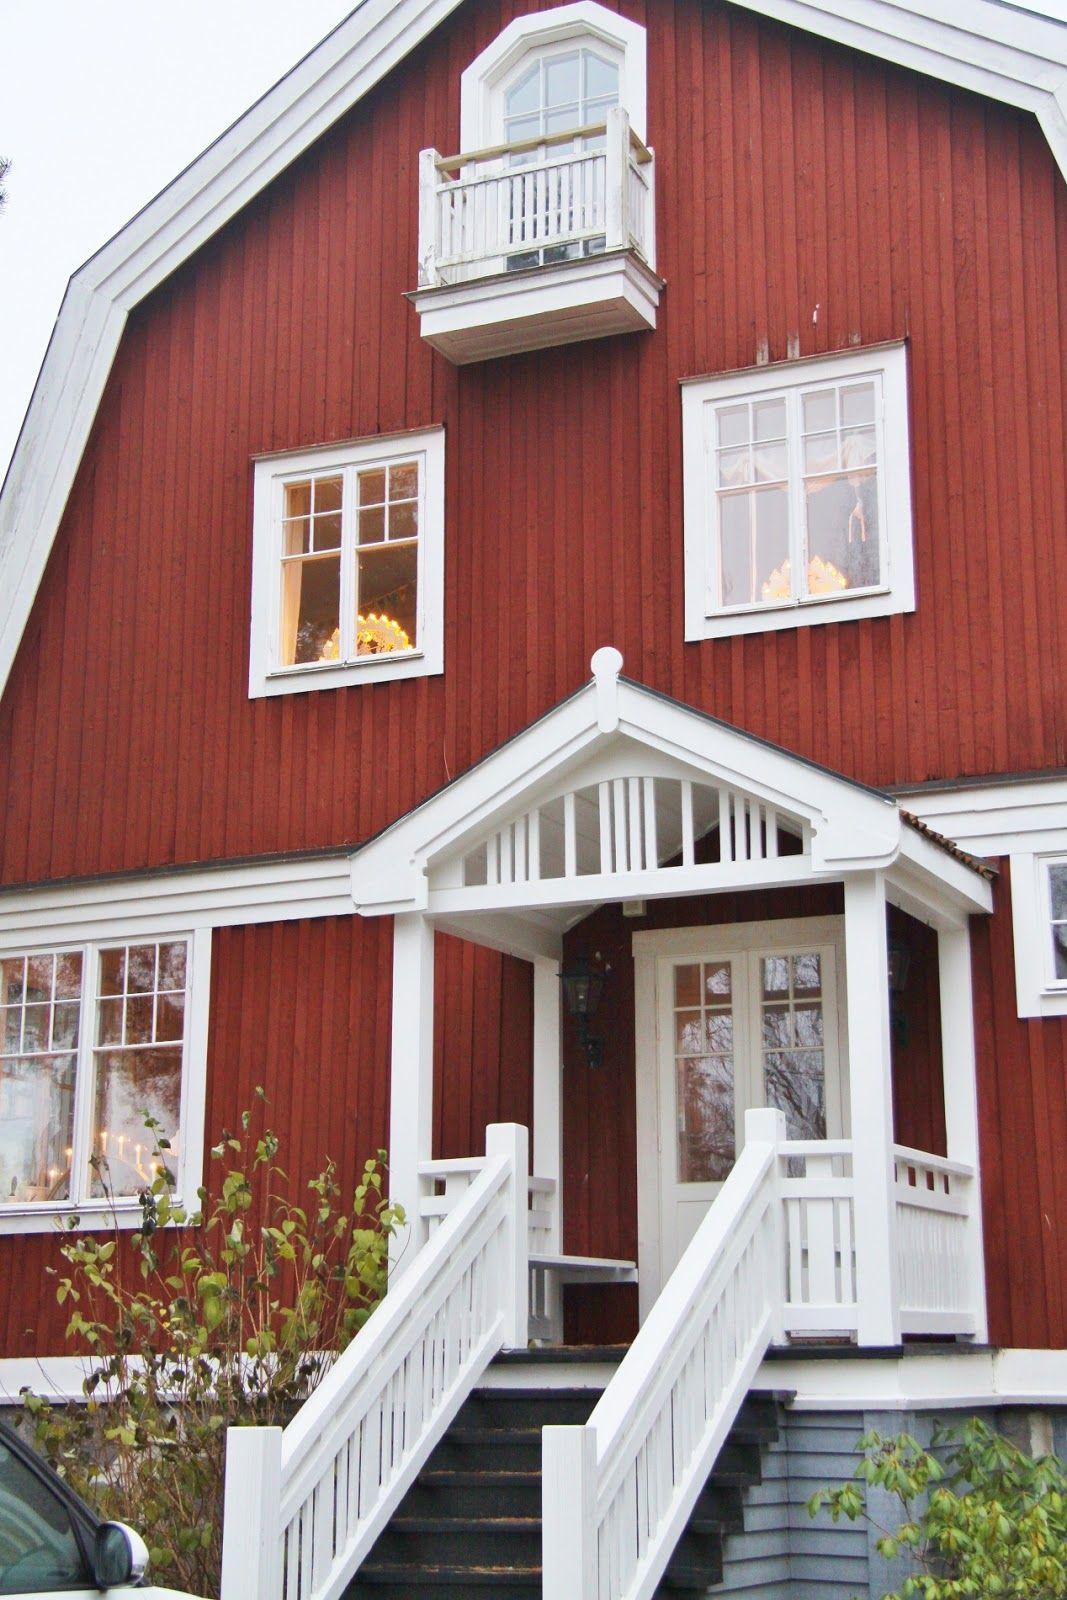 Lighting Basement Washroom Stairs: Ambiance Nordique Et Colorée : Le Blog De Sanna & Sania In